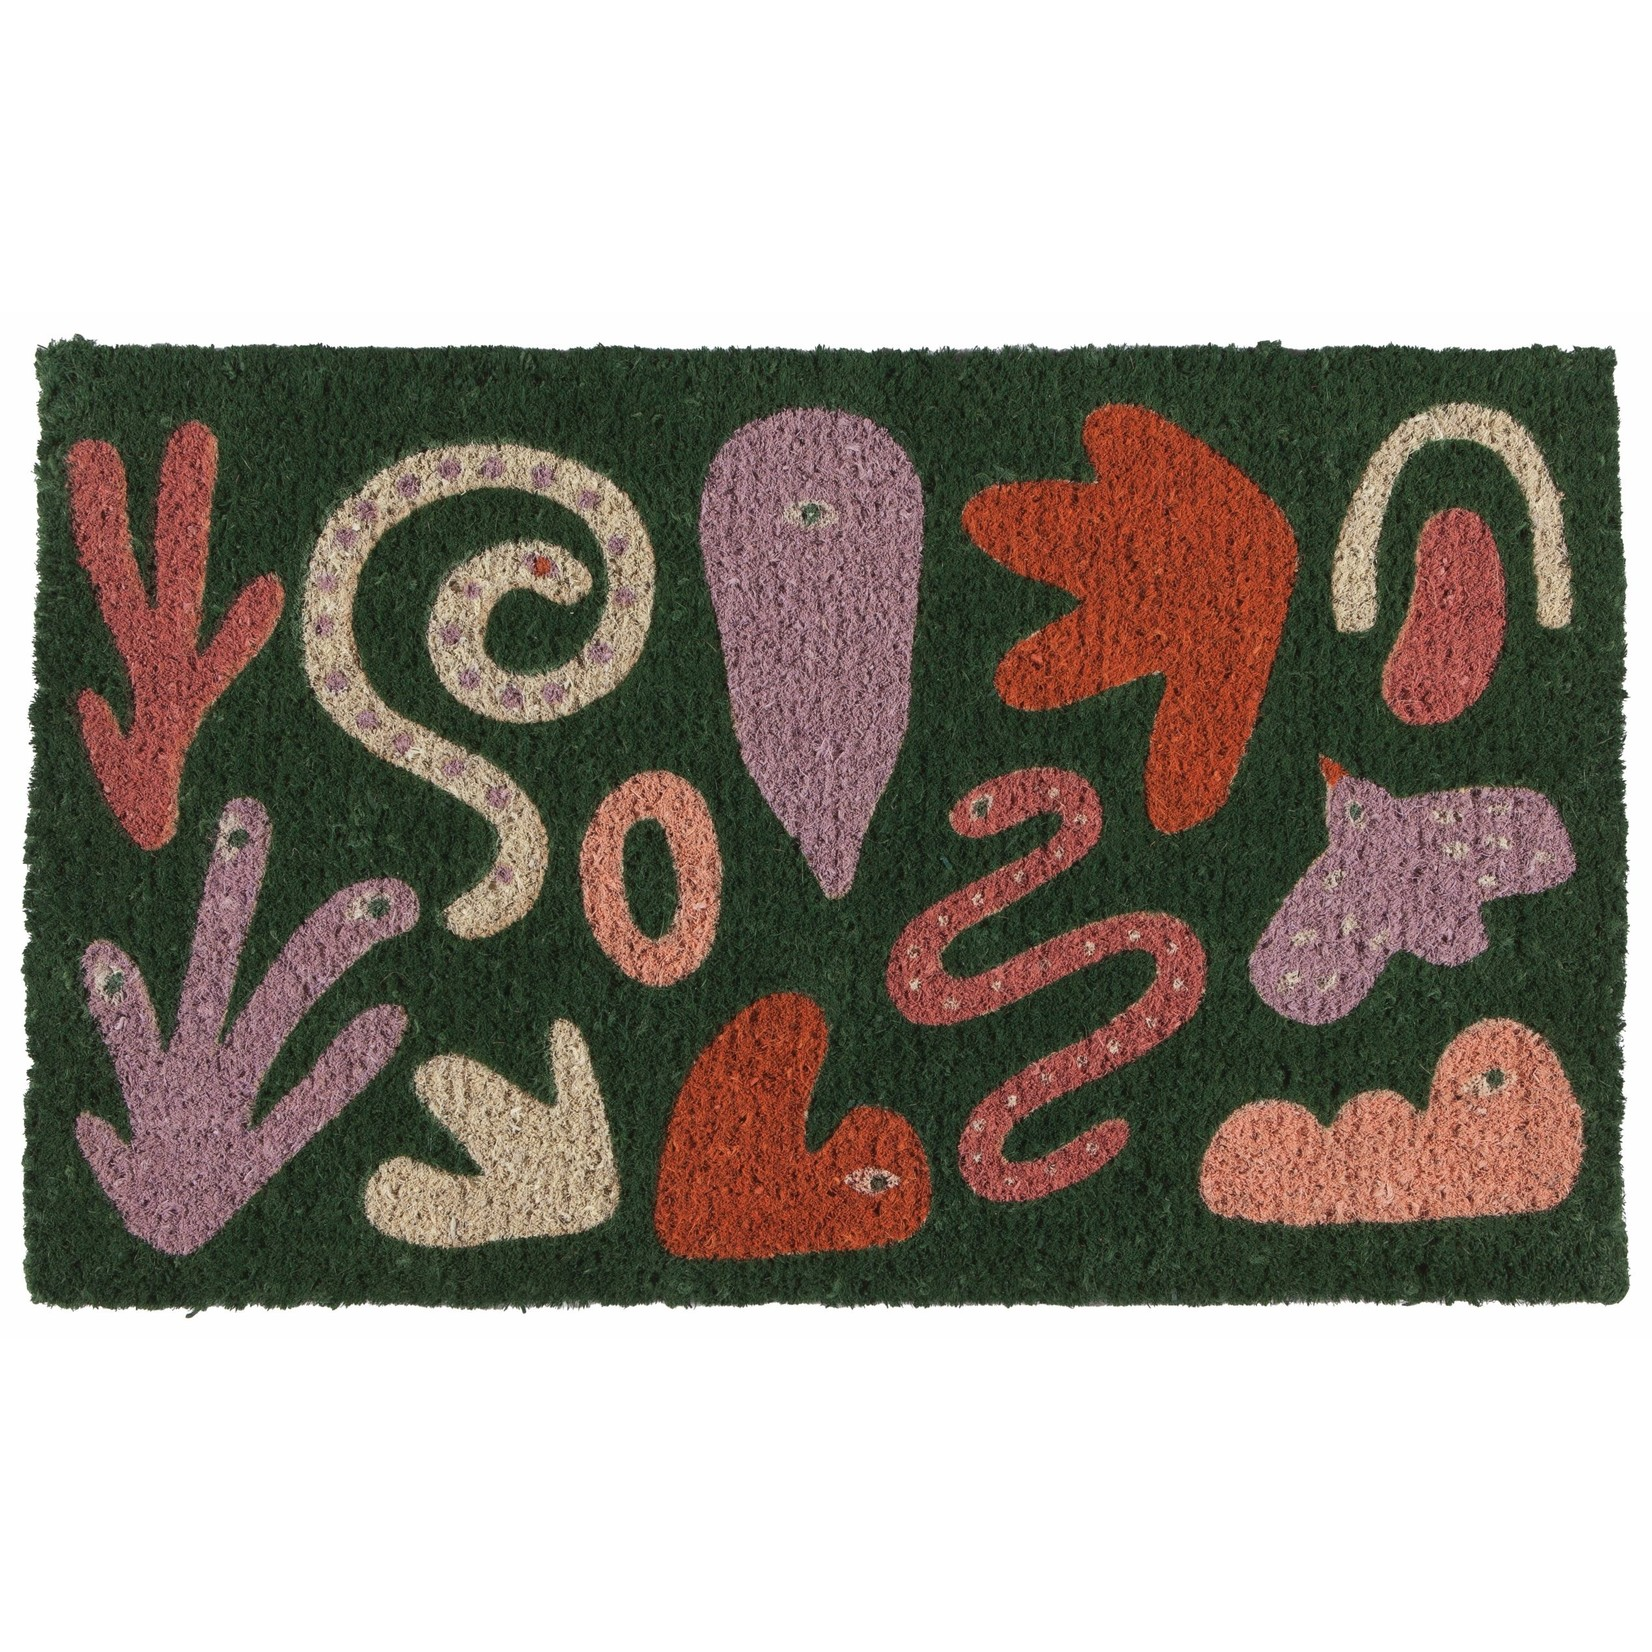 Danica Studio Printed Doormat